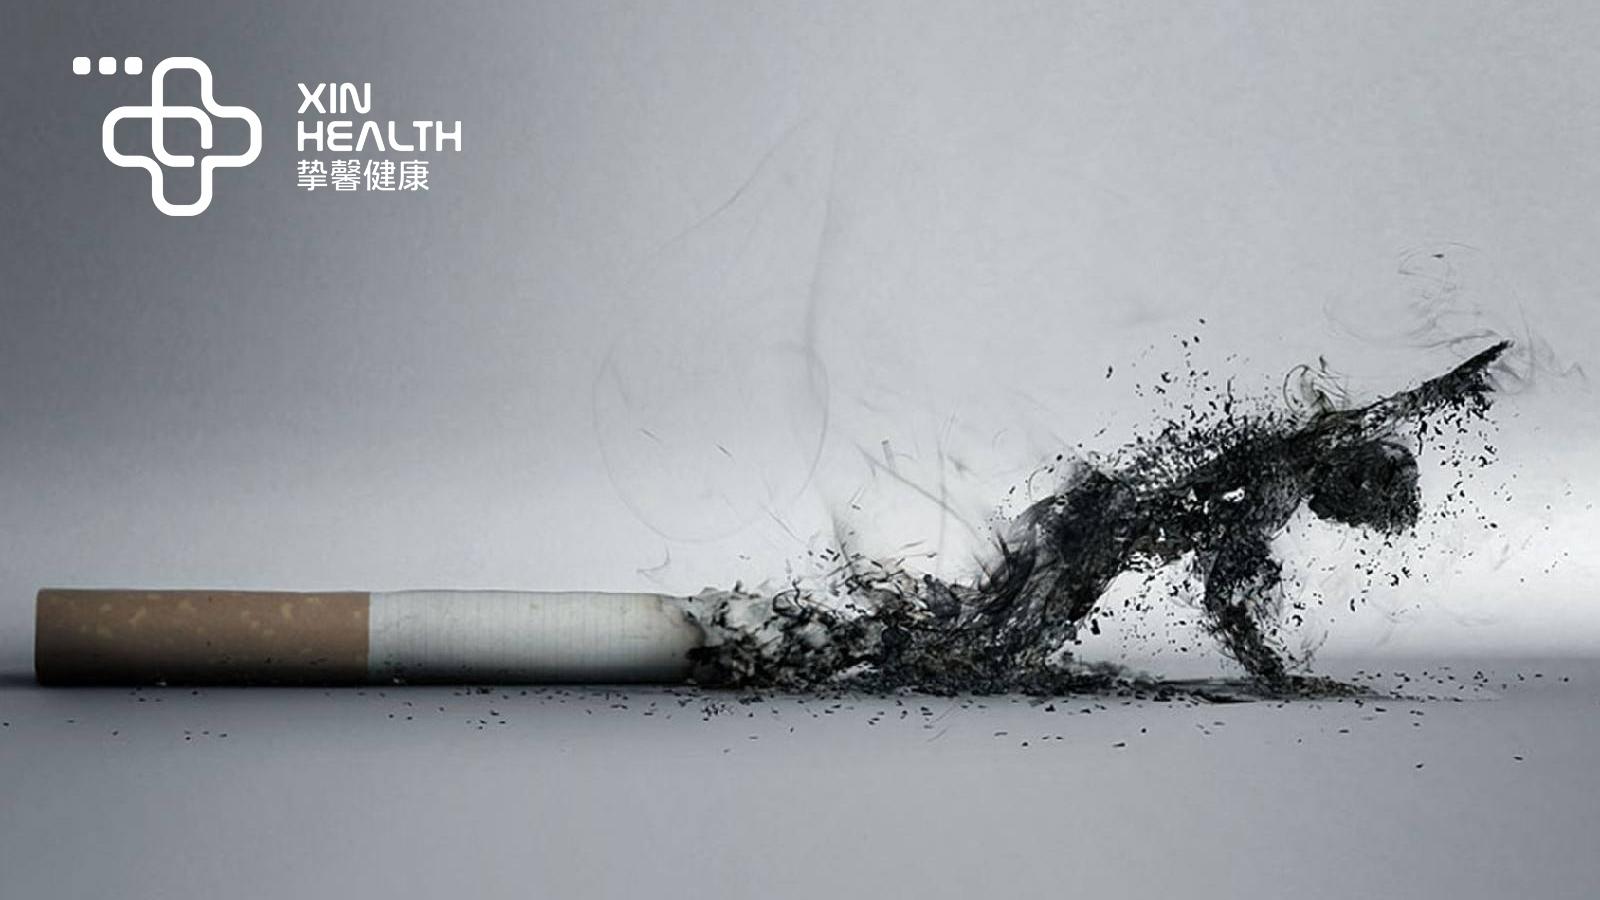 吸烟对肺部的危害大